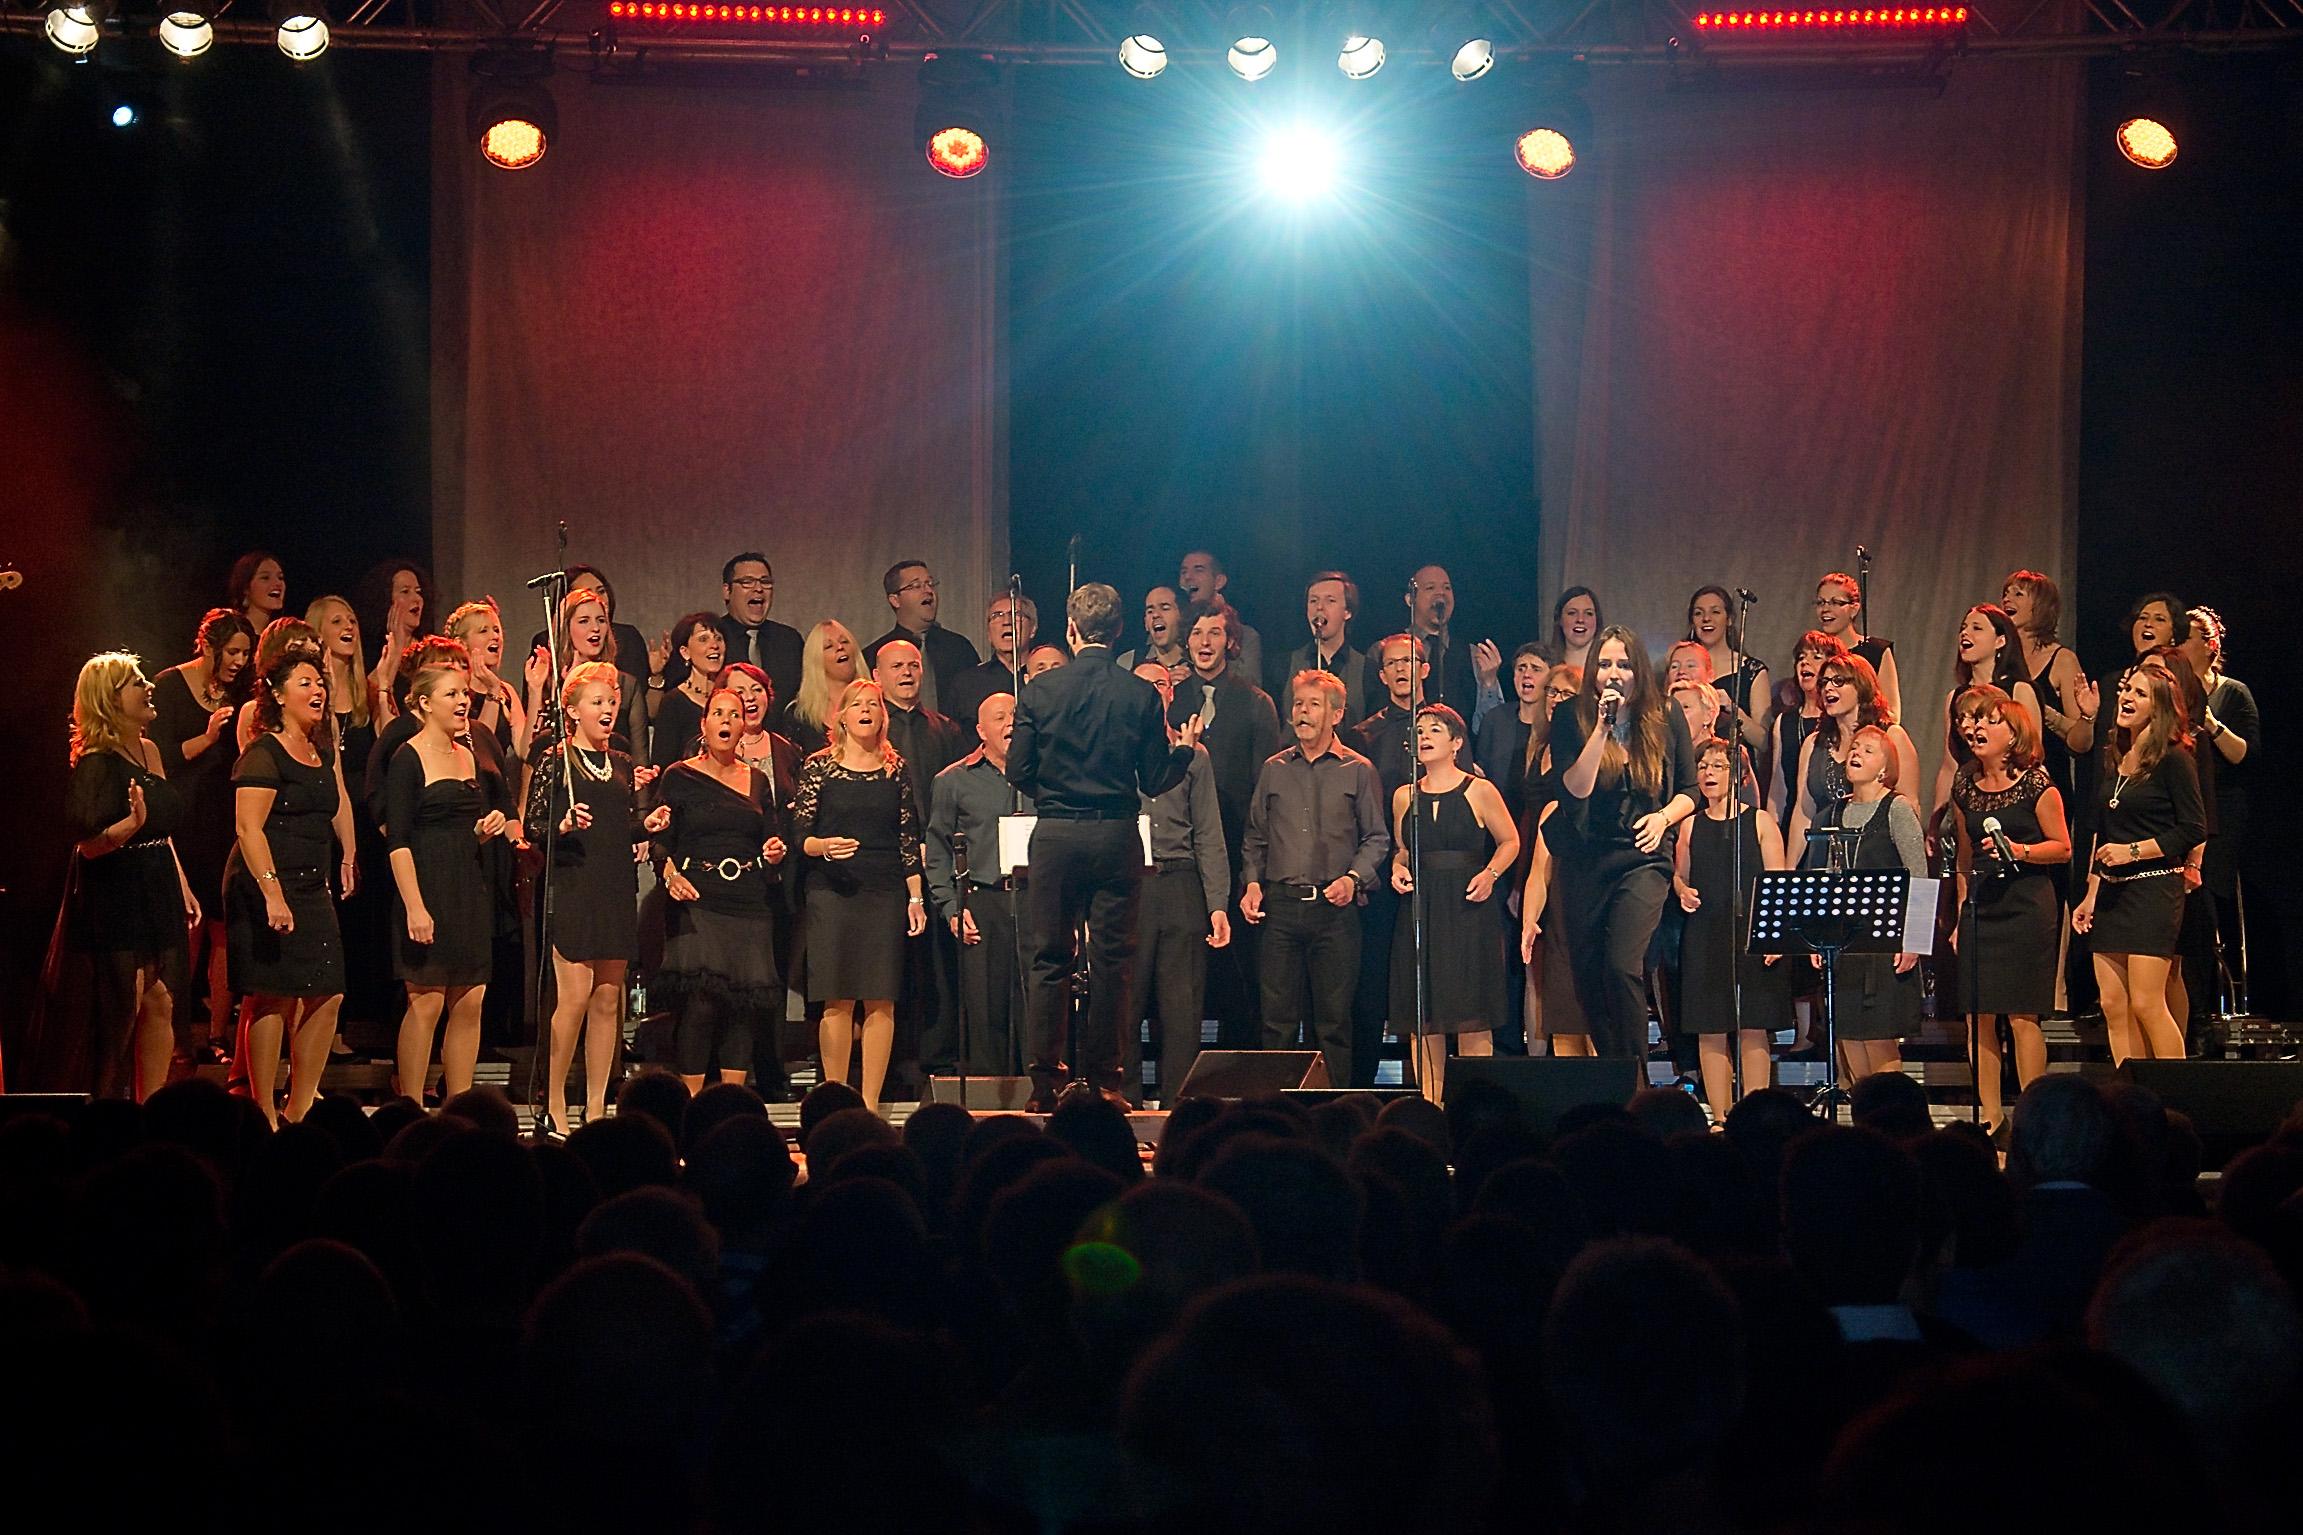 Jubiläumsveranstaltung mit dem Gospelchor Lingenfeld unter Leitung von Matthias Settelmeyer 20 Jahre Verein Kunst und Kultur in Annweiler e.V.